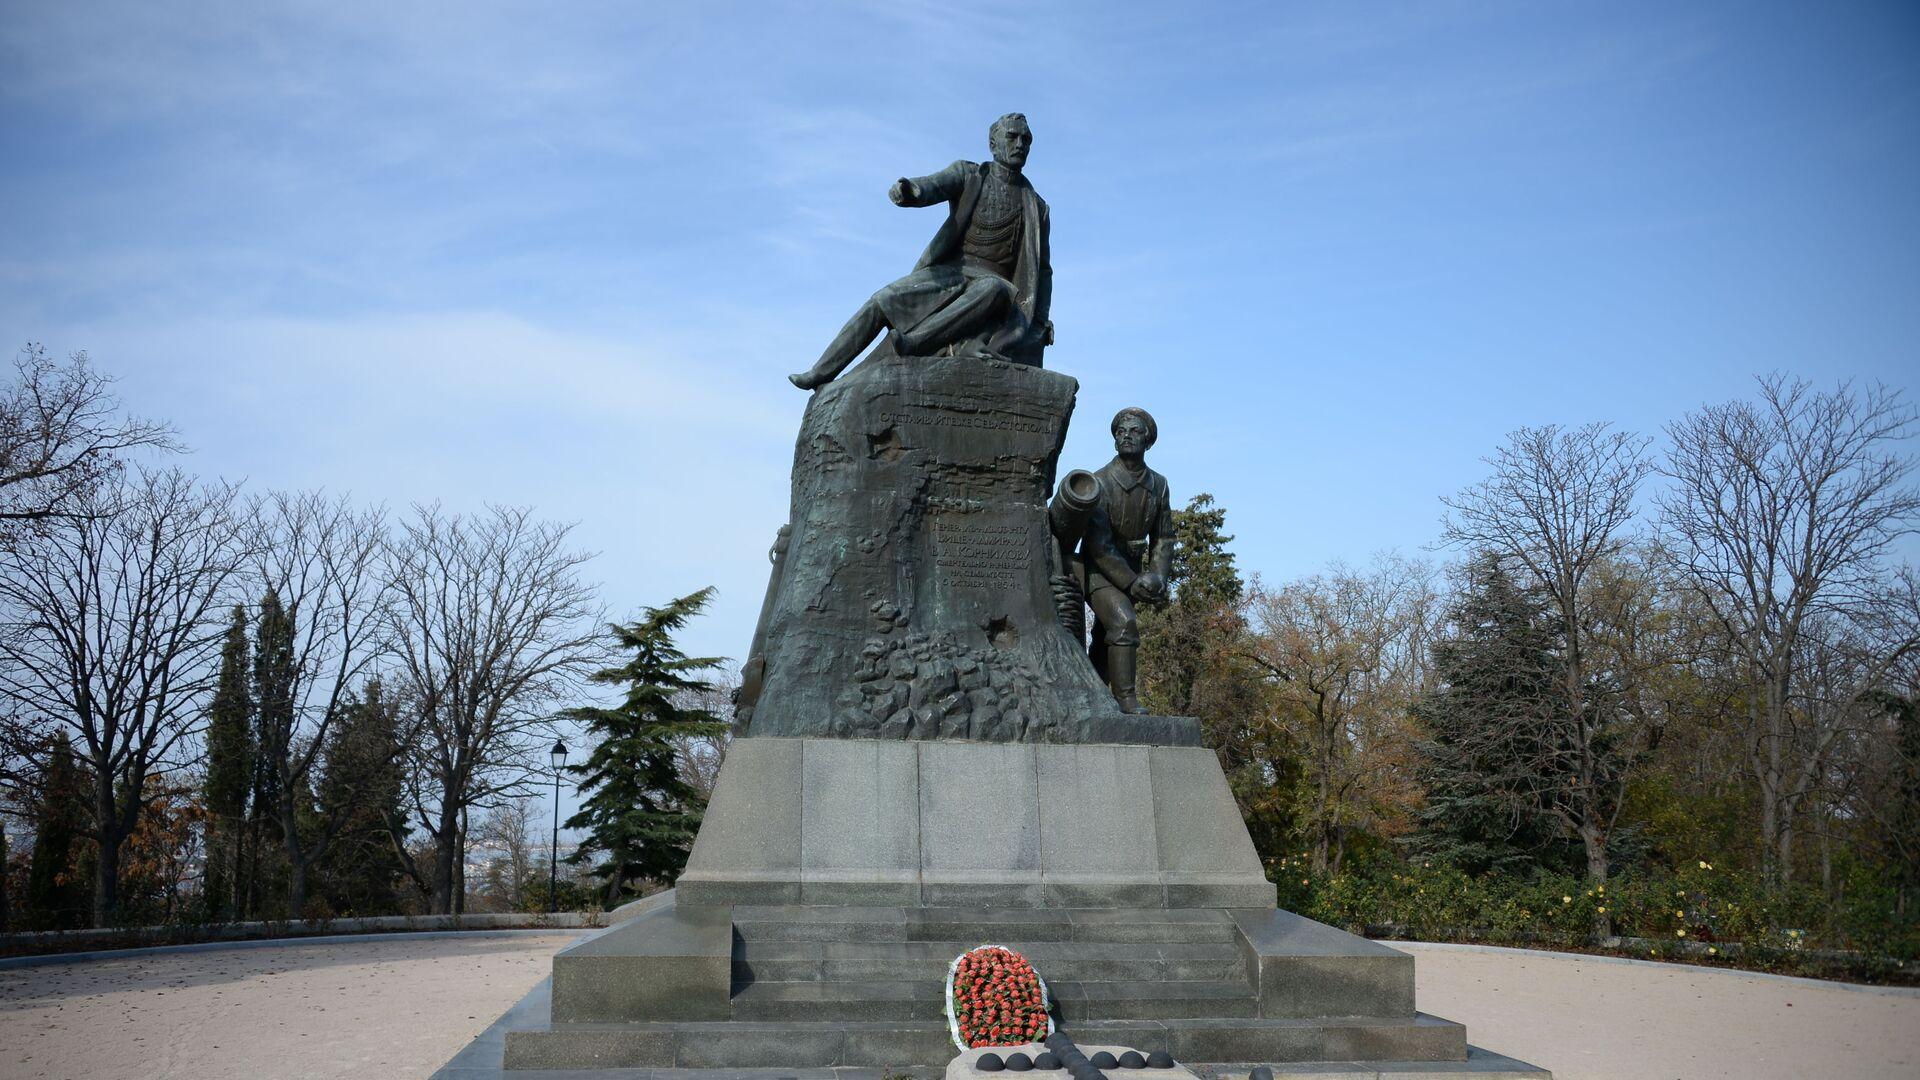 Памятник адмиралу Владимиру Алексеевичу Корнилову на Малаховом кургане в Севастополе - РИА Новости, 1920, 13.02.2021